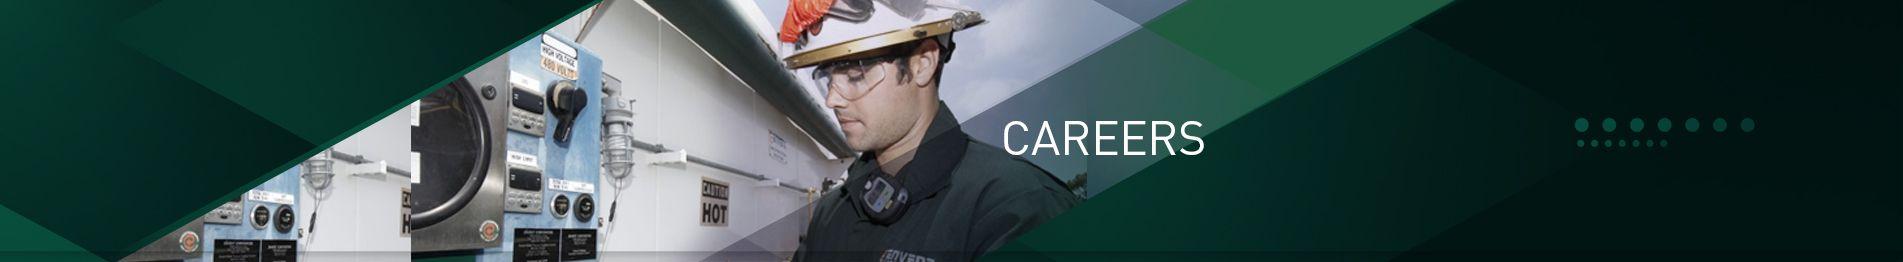 Envent Corporation | Careers & Job Opportunities